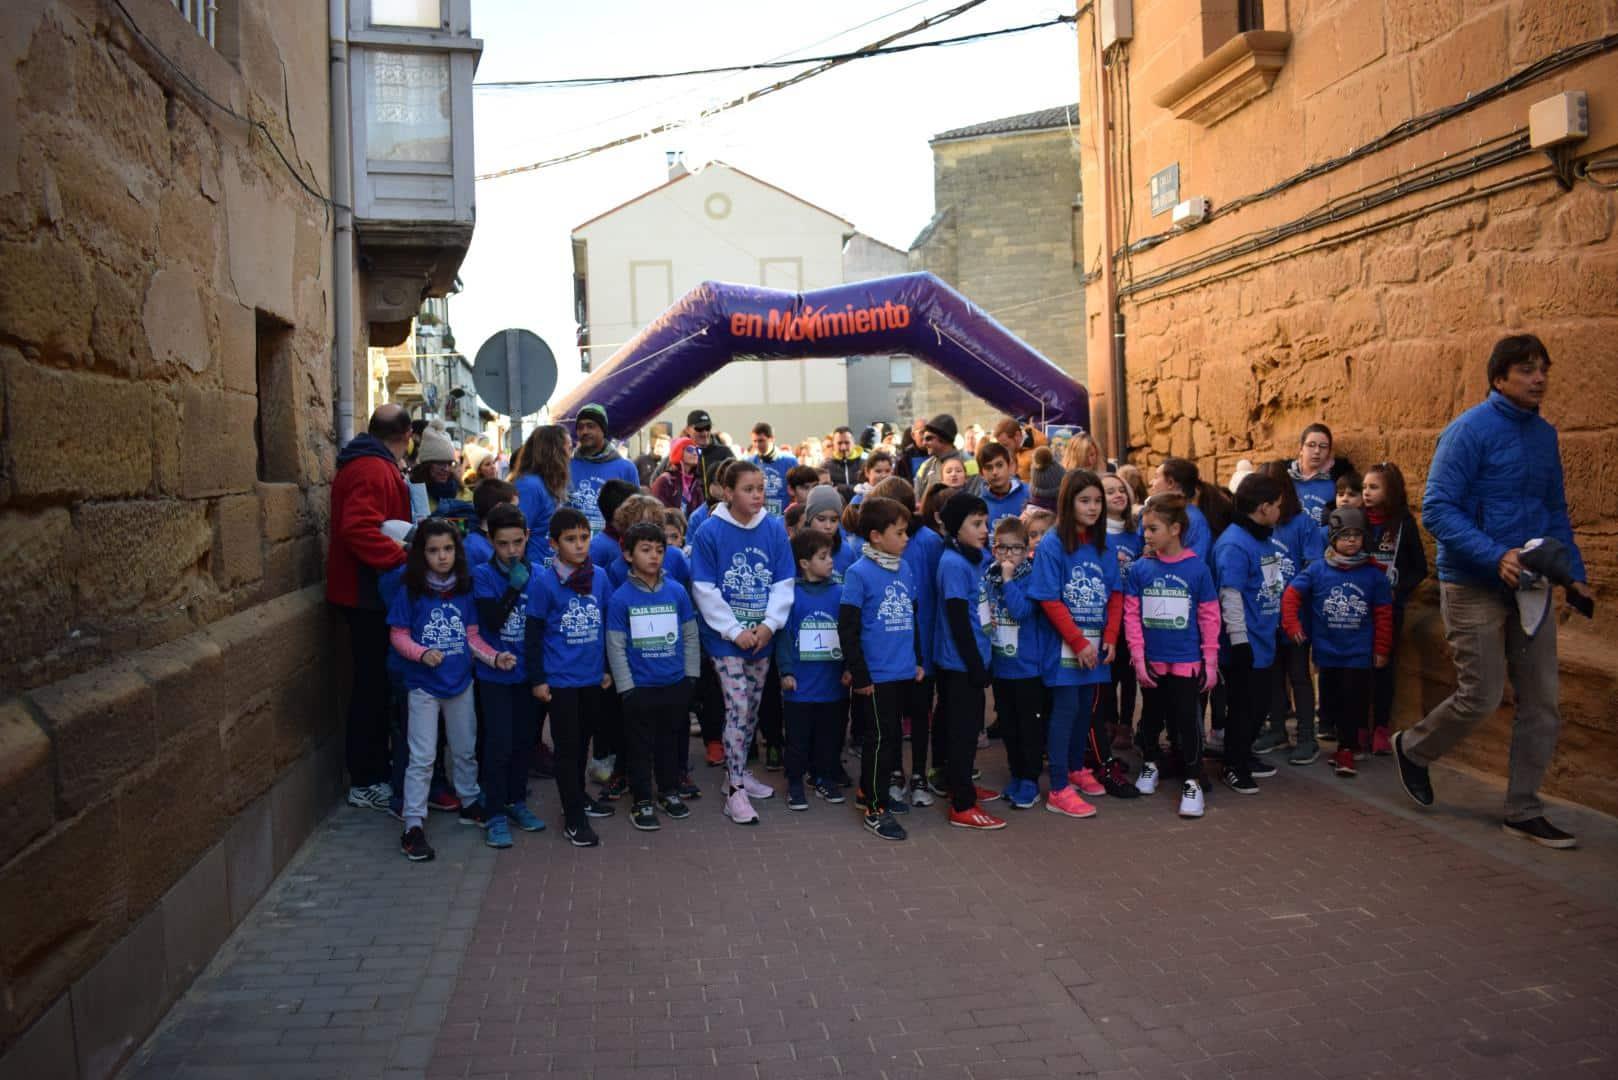 FOTOS: Rodezno, a la carrera contra el cáncer infantil 3